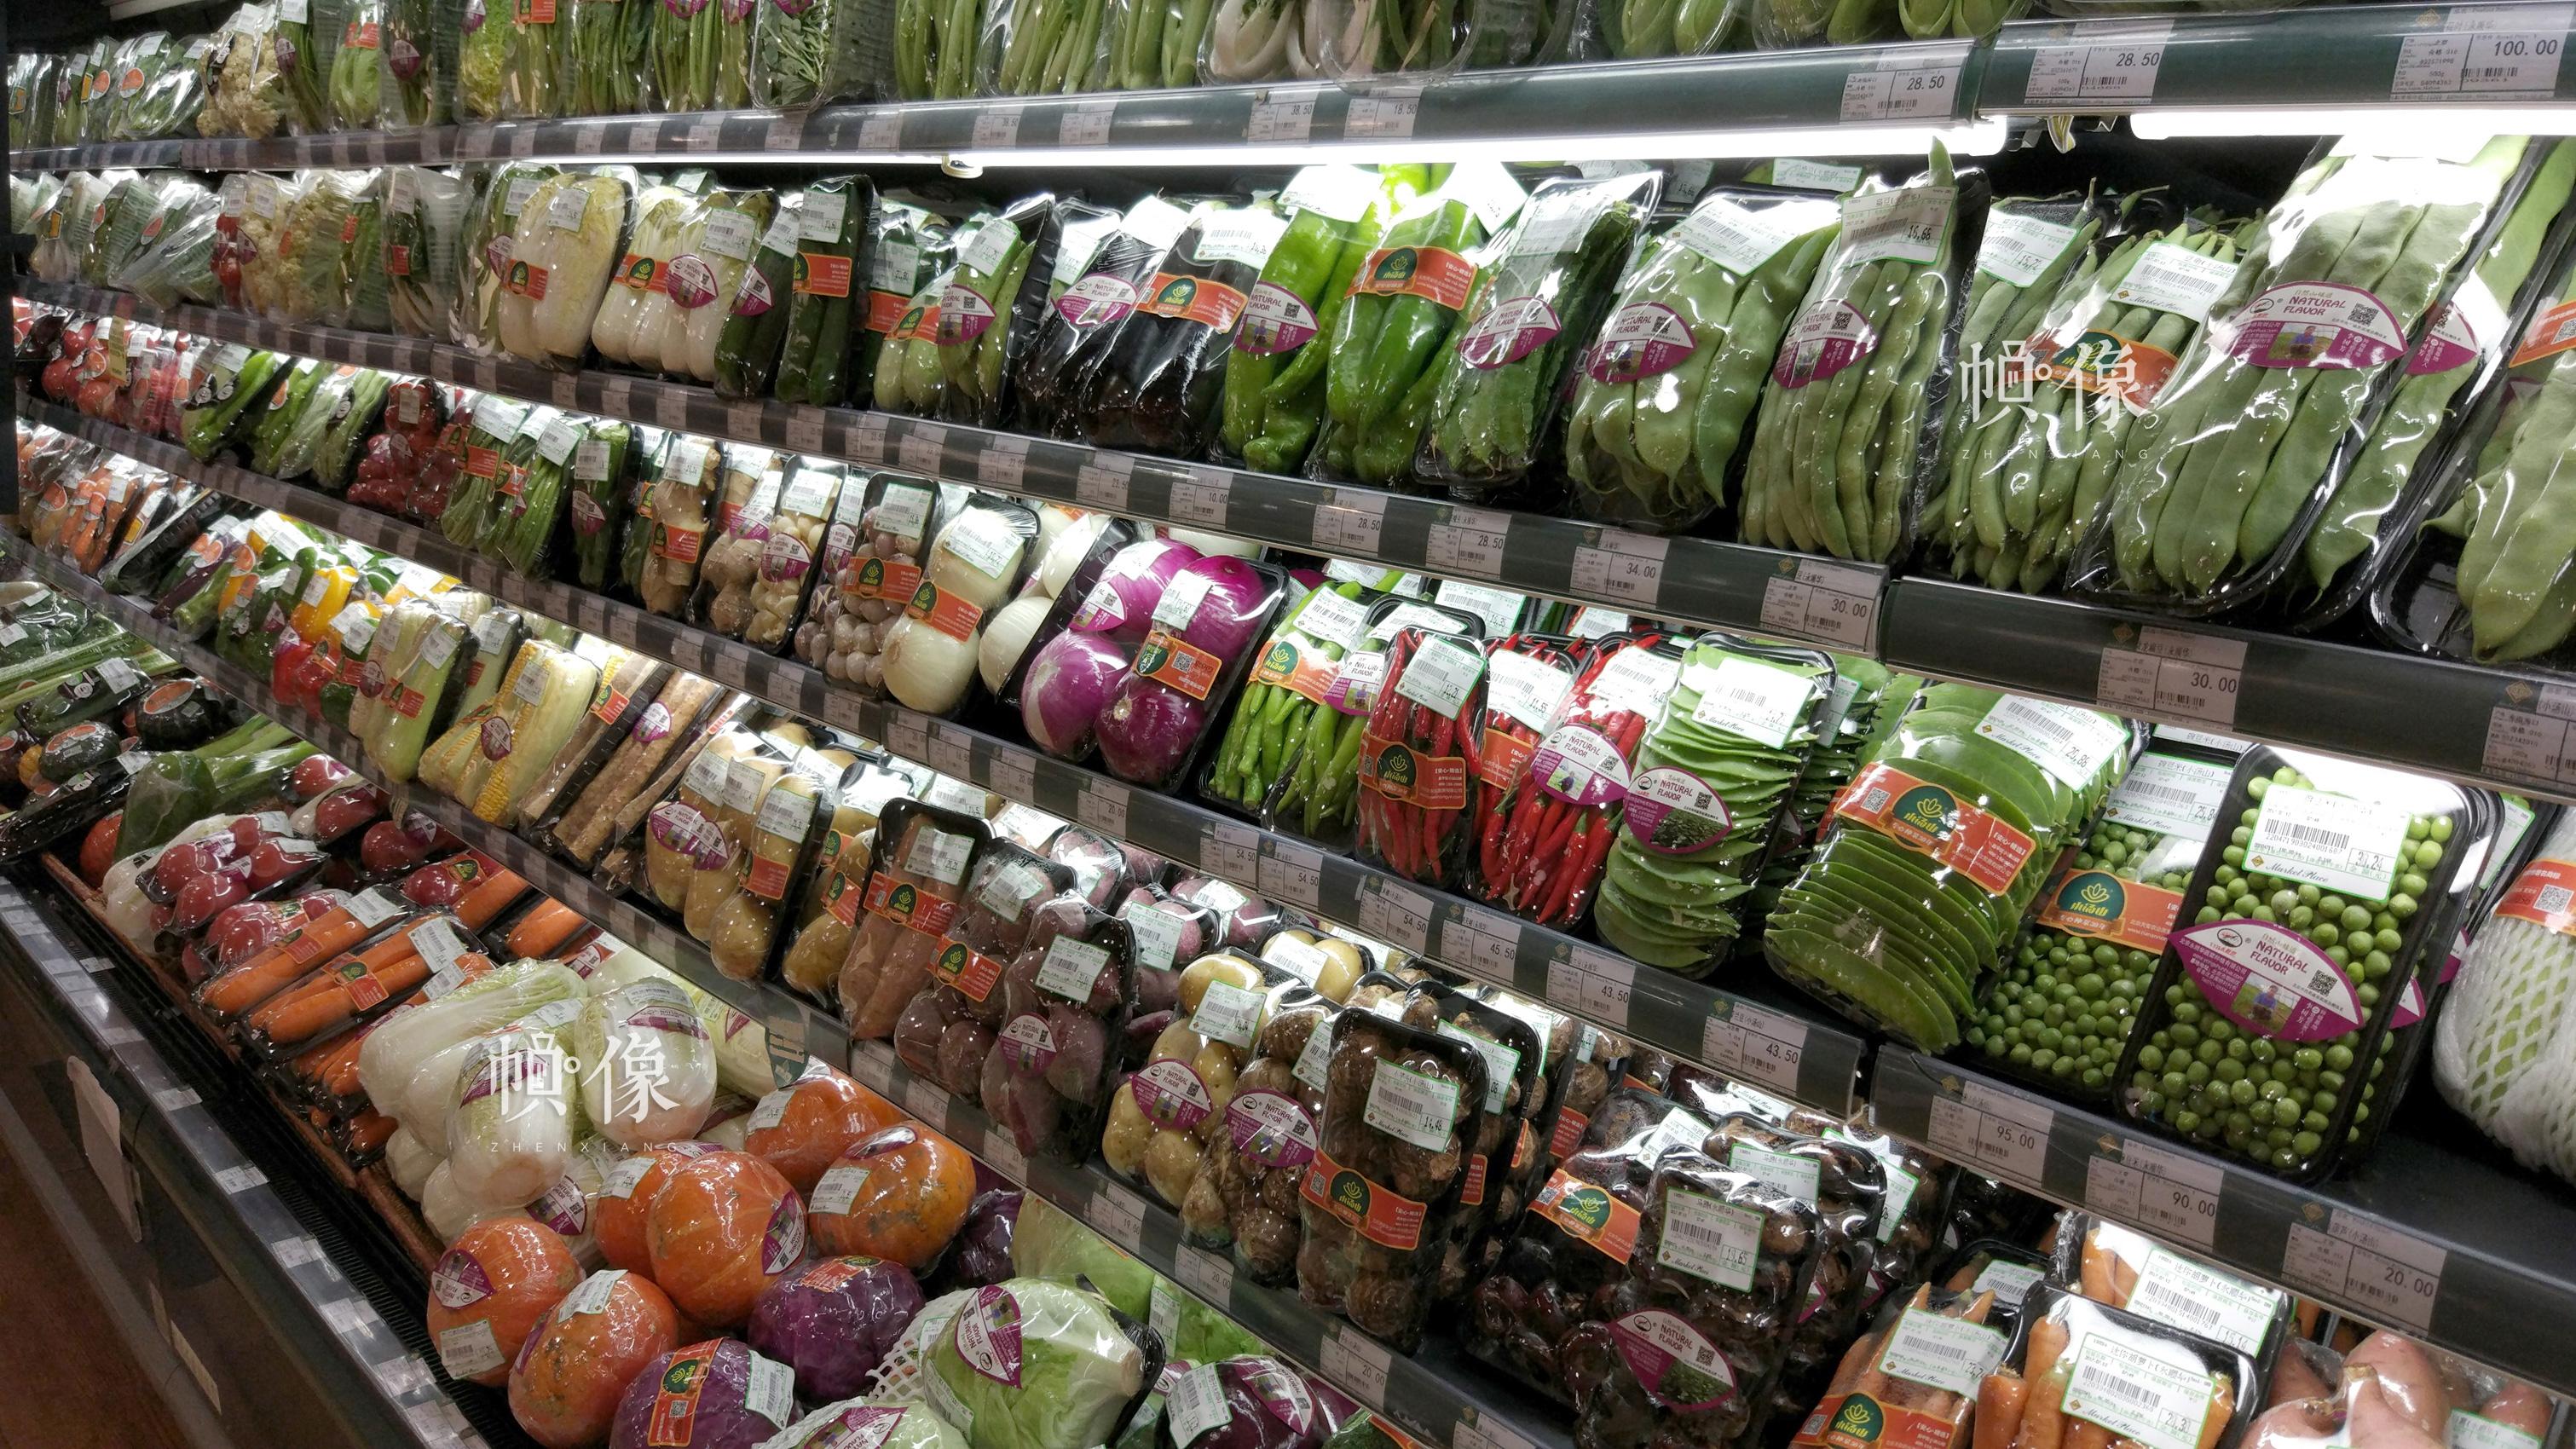 2017年7月6日,北京某精品超市品牌蔬菜专柜。中国网记者 赵超 摄